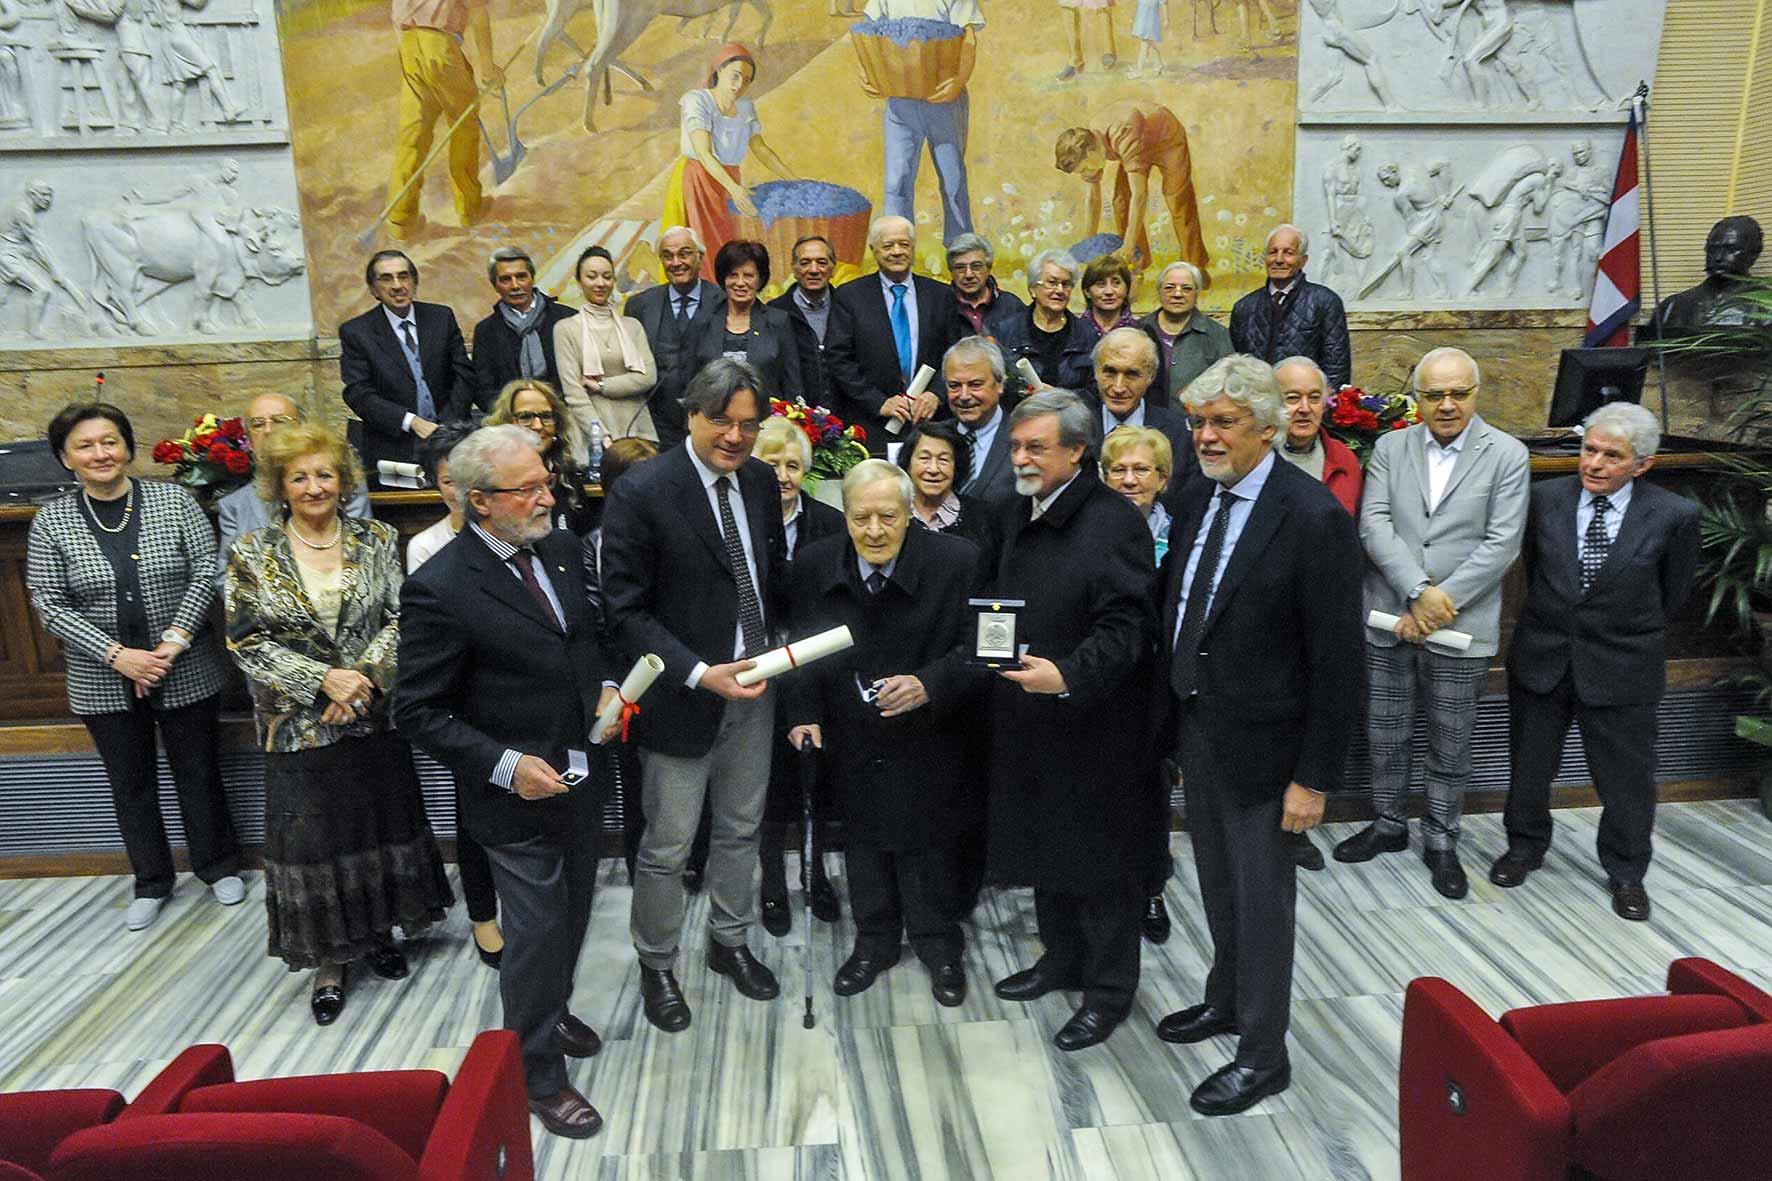 Maestri del commercio premiati dall'Enasco